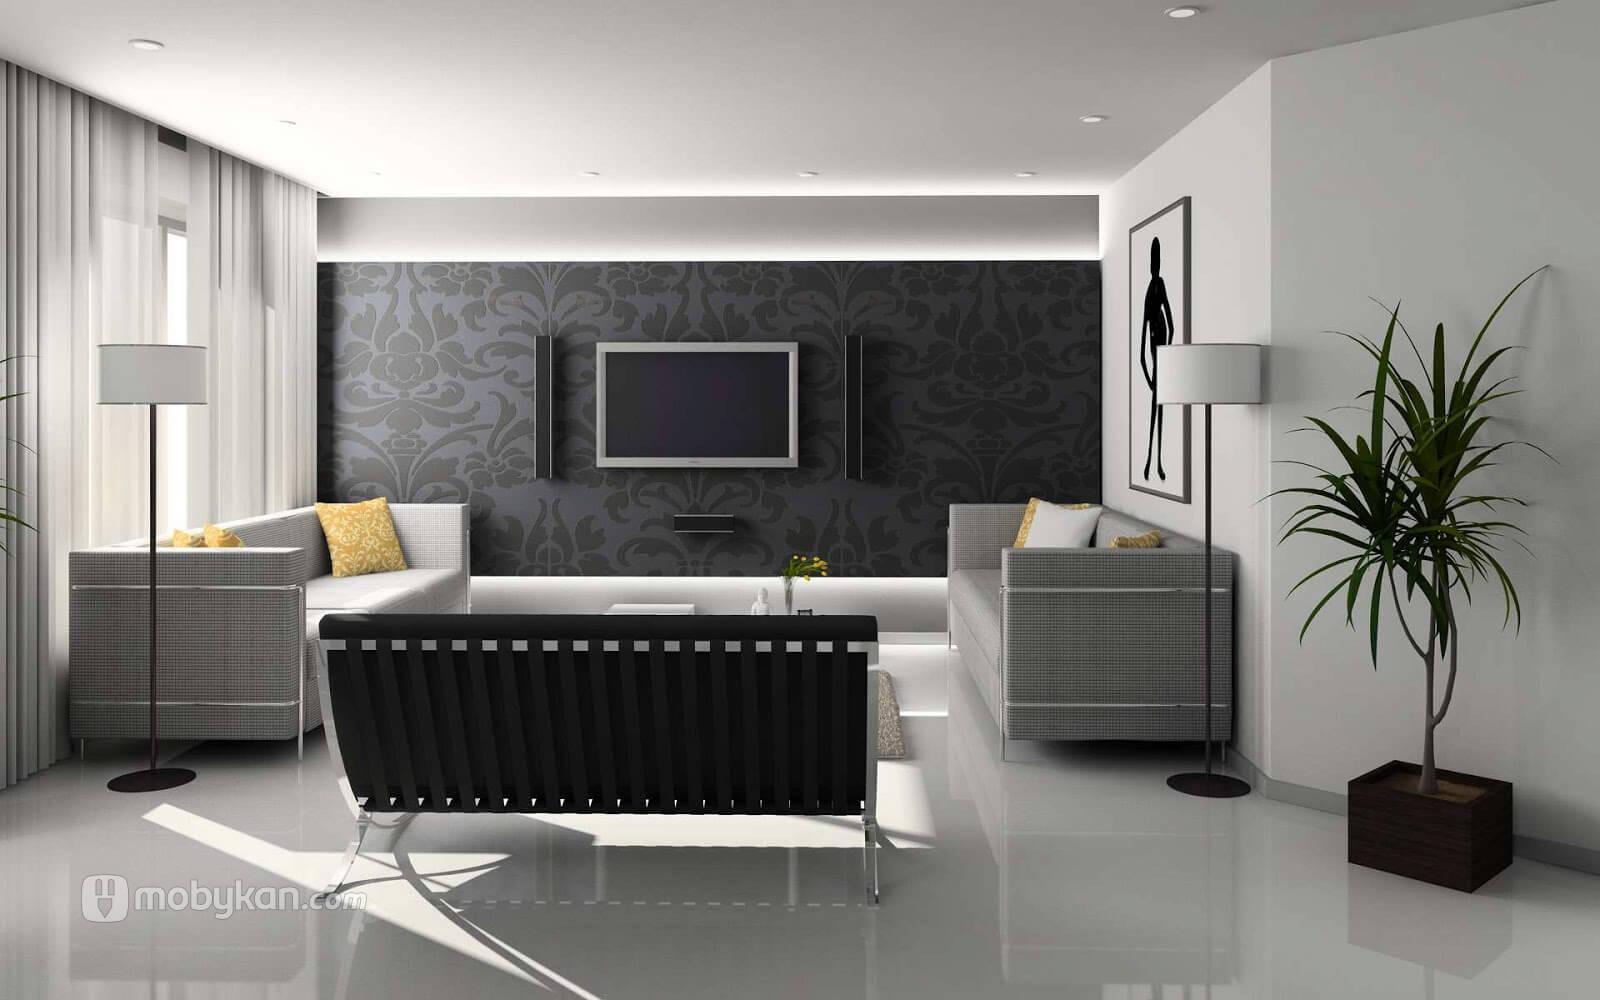 تصاميم منازل 2020 53 1